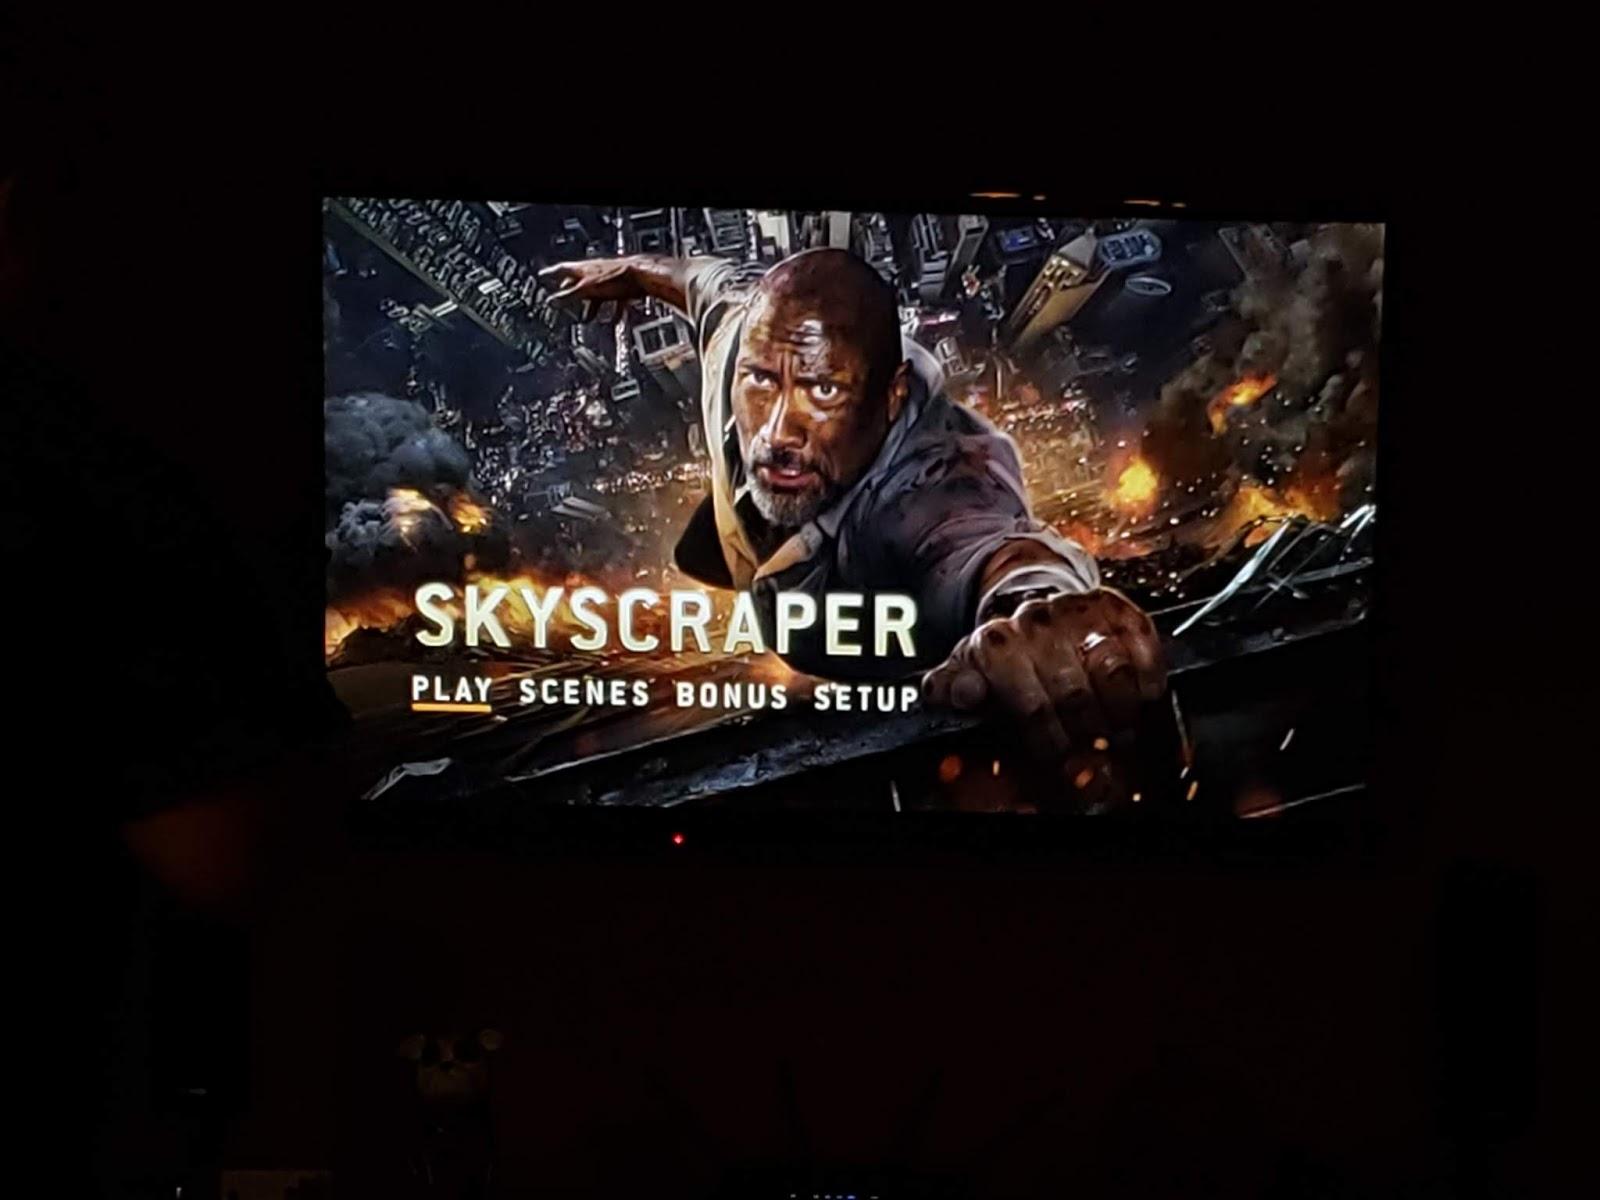 Skyscraper the movie